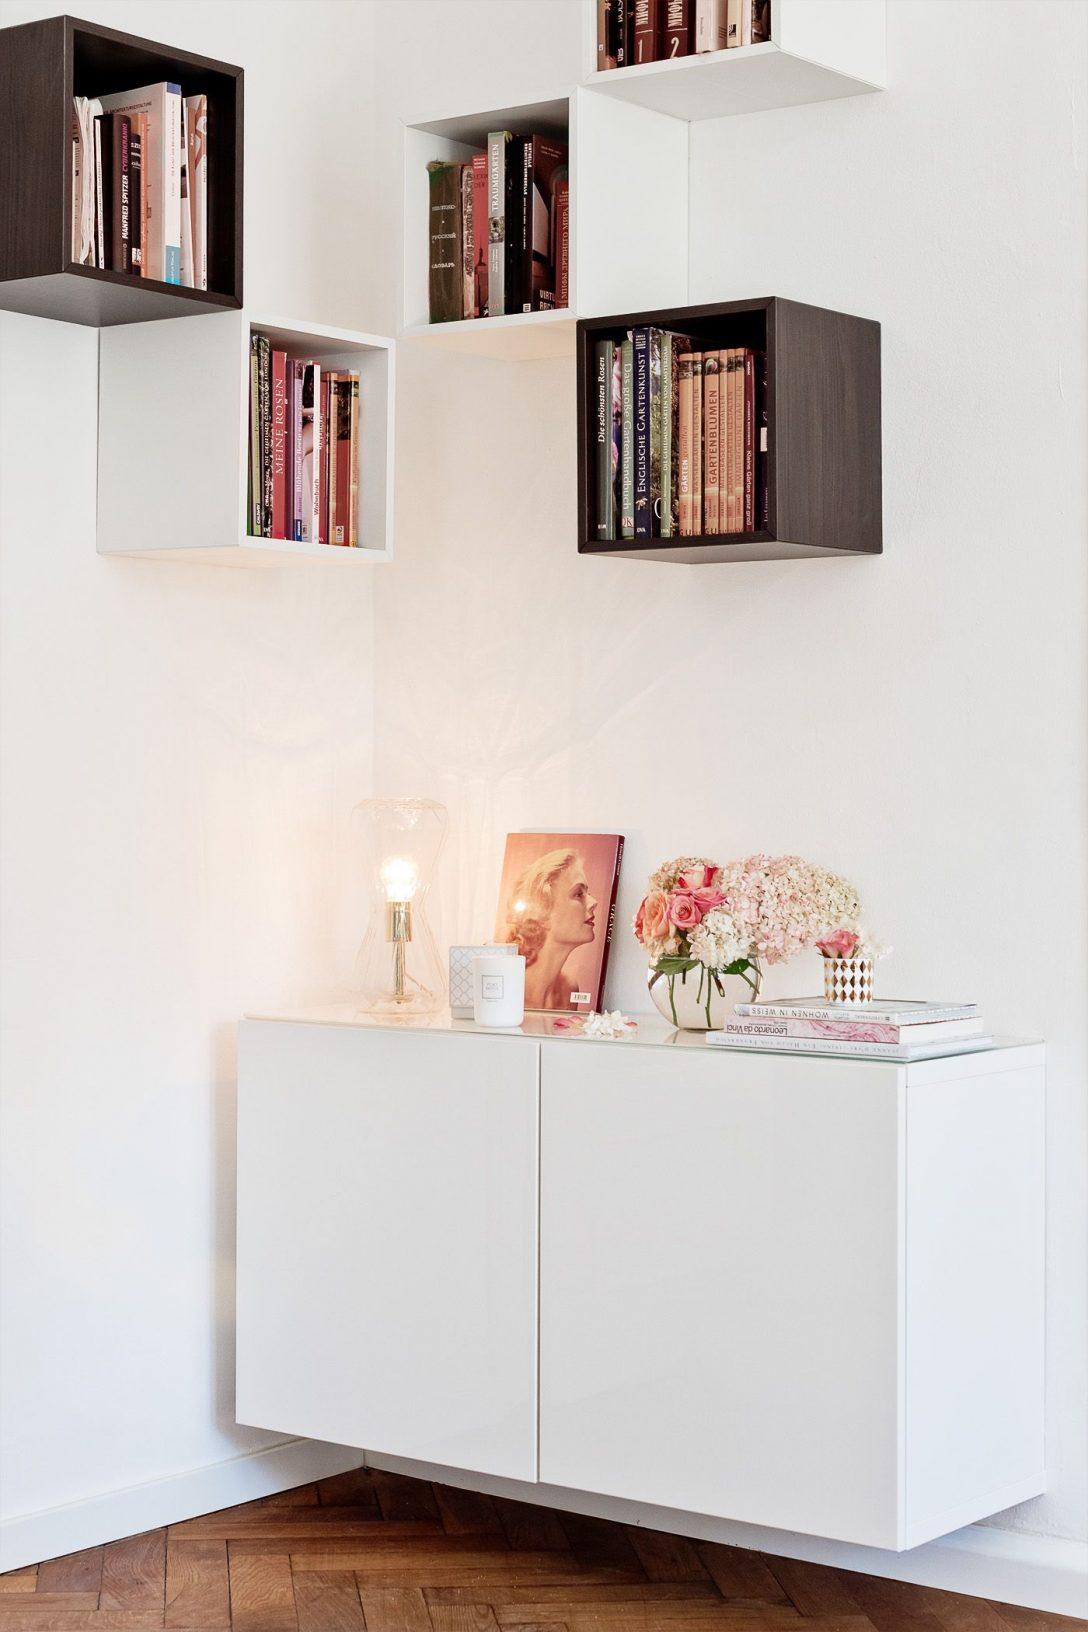 Large Size of Interior Soft Pink And Gold Arredamento Ingresso Casa Küche Ikea Kosten Miniküche Hängeregal Sofa Mit Schlaffunktion Modulküche Betten Bei Kaufen 160x200 Wohnzimmer Ikea Hängeregal